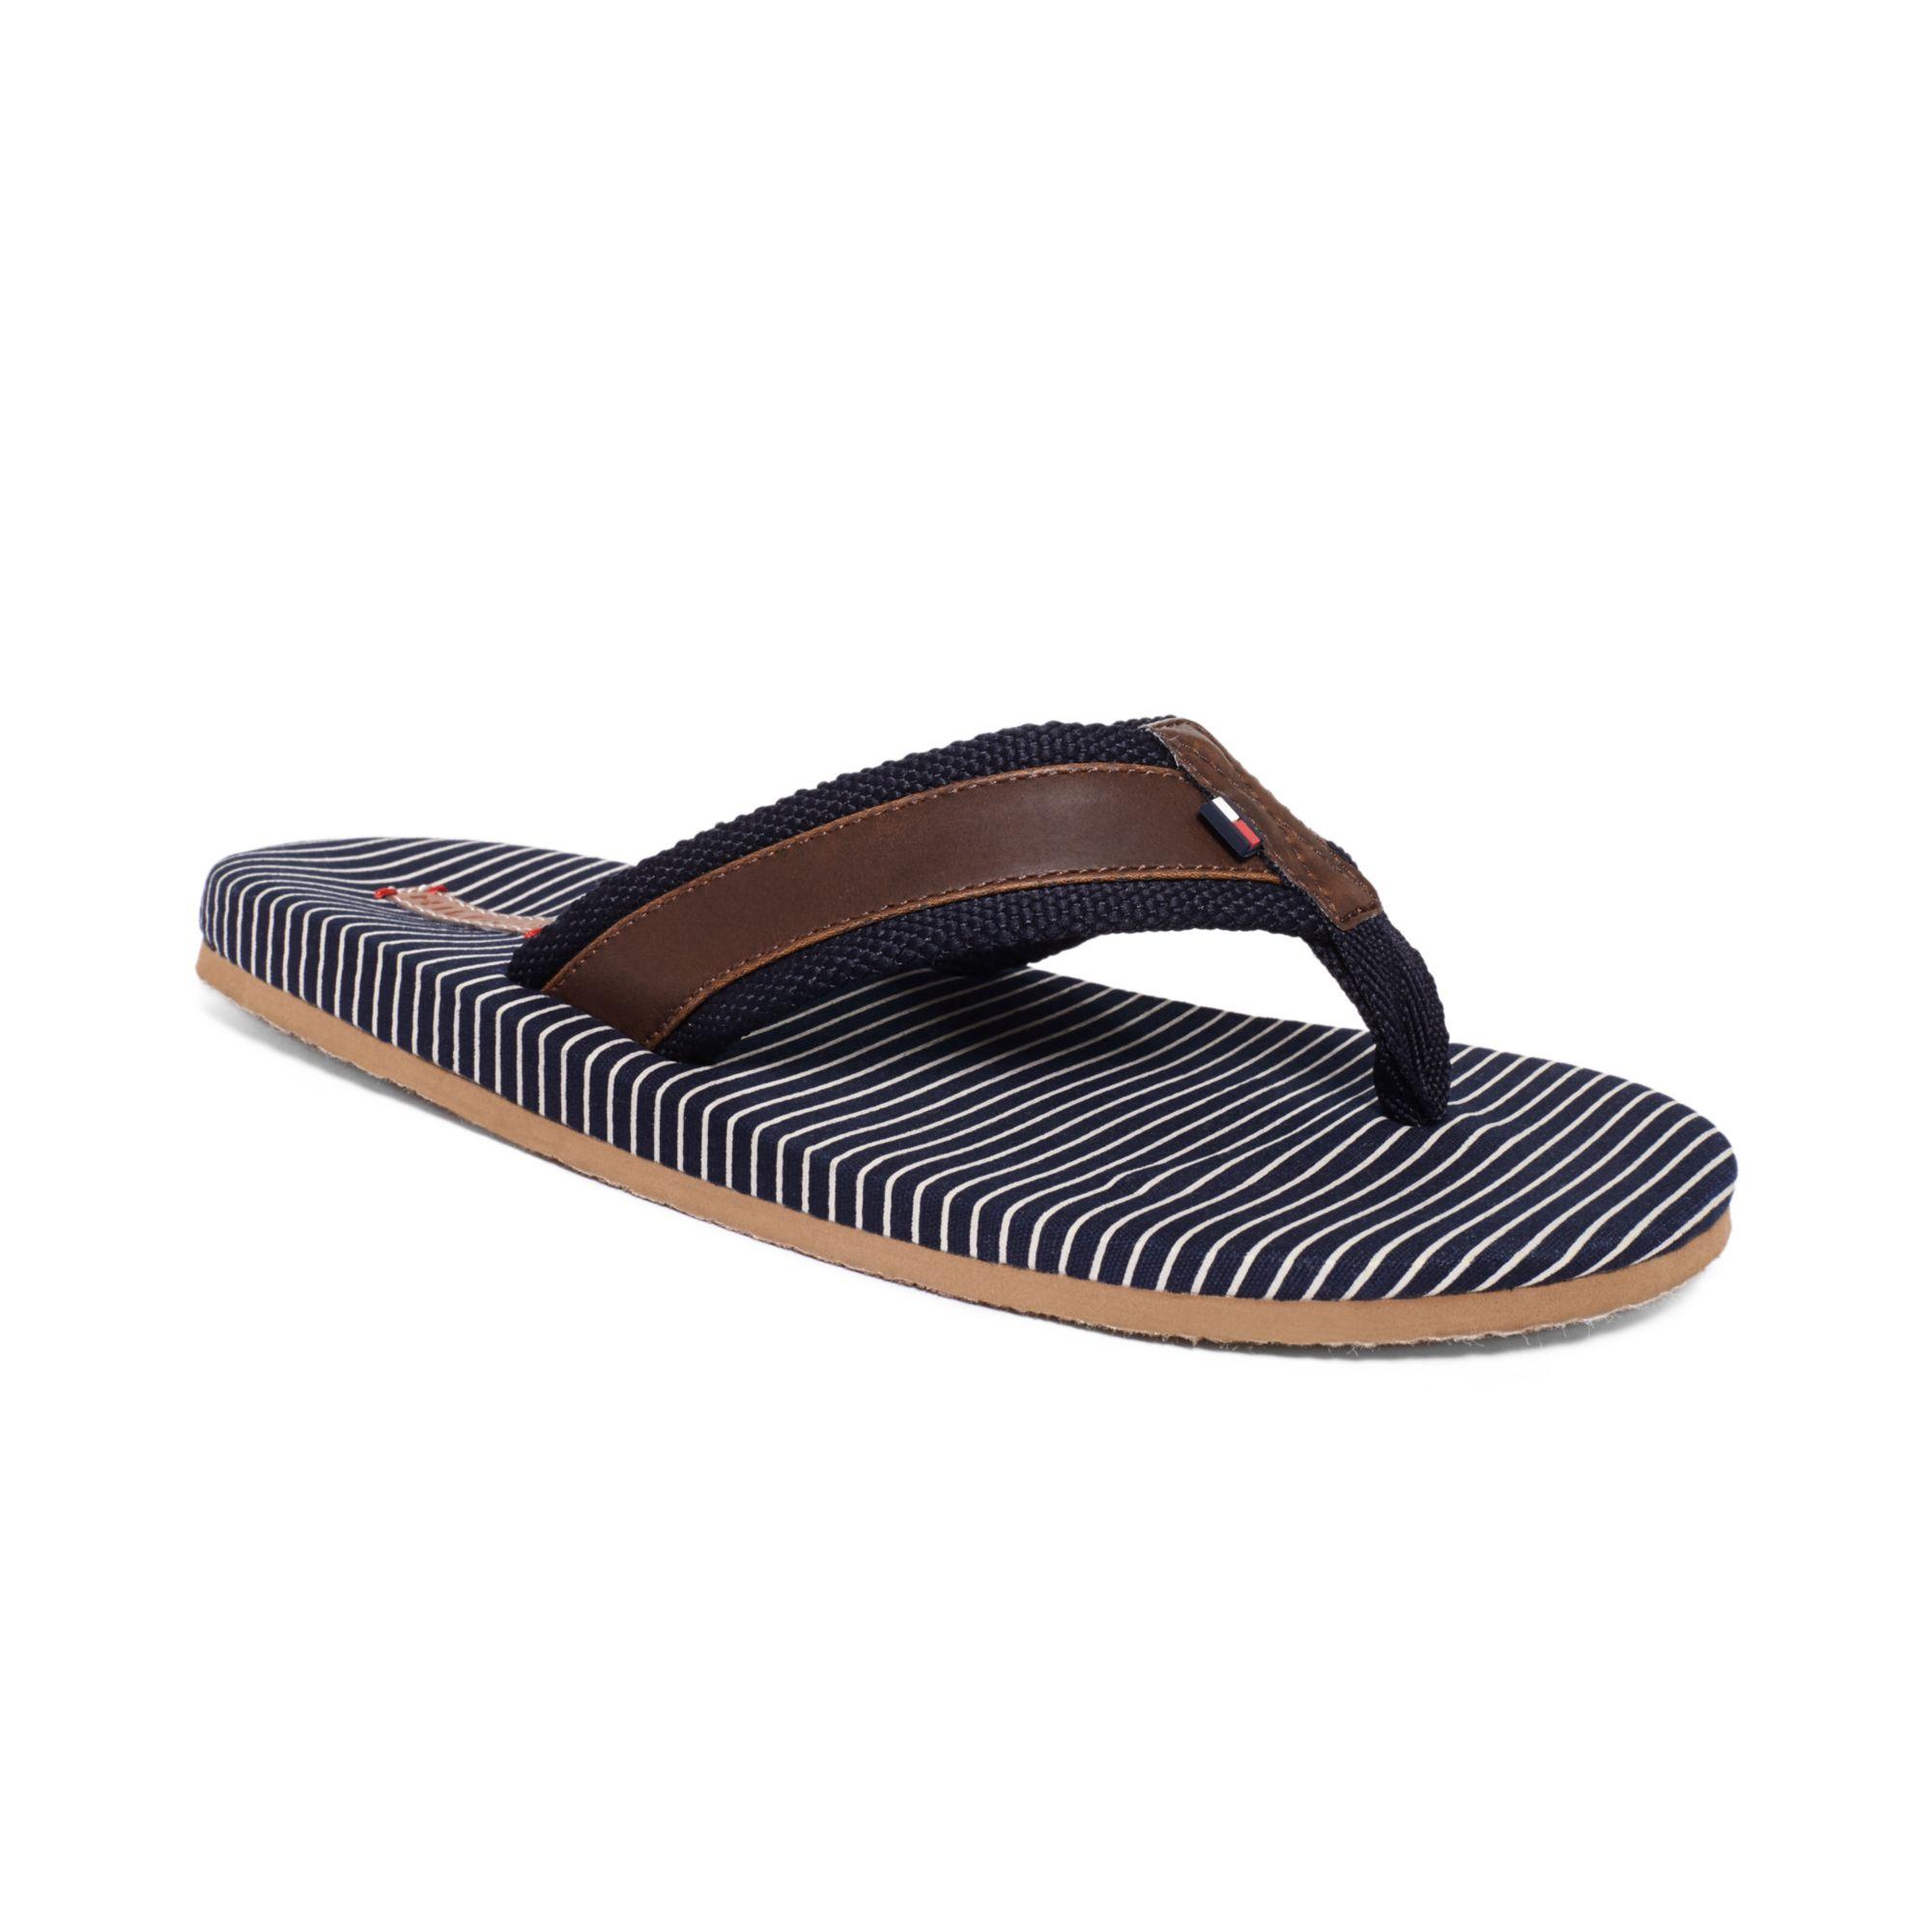 d067d5212181 Lyst tommy hilfiger marley flip flops in blue for men jpg 2000x2000 Tommy  hilfiger sandals for